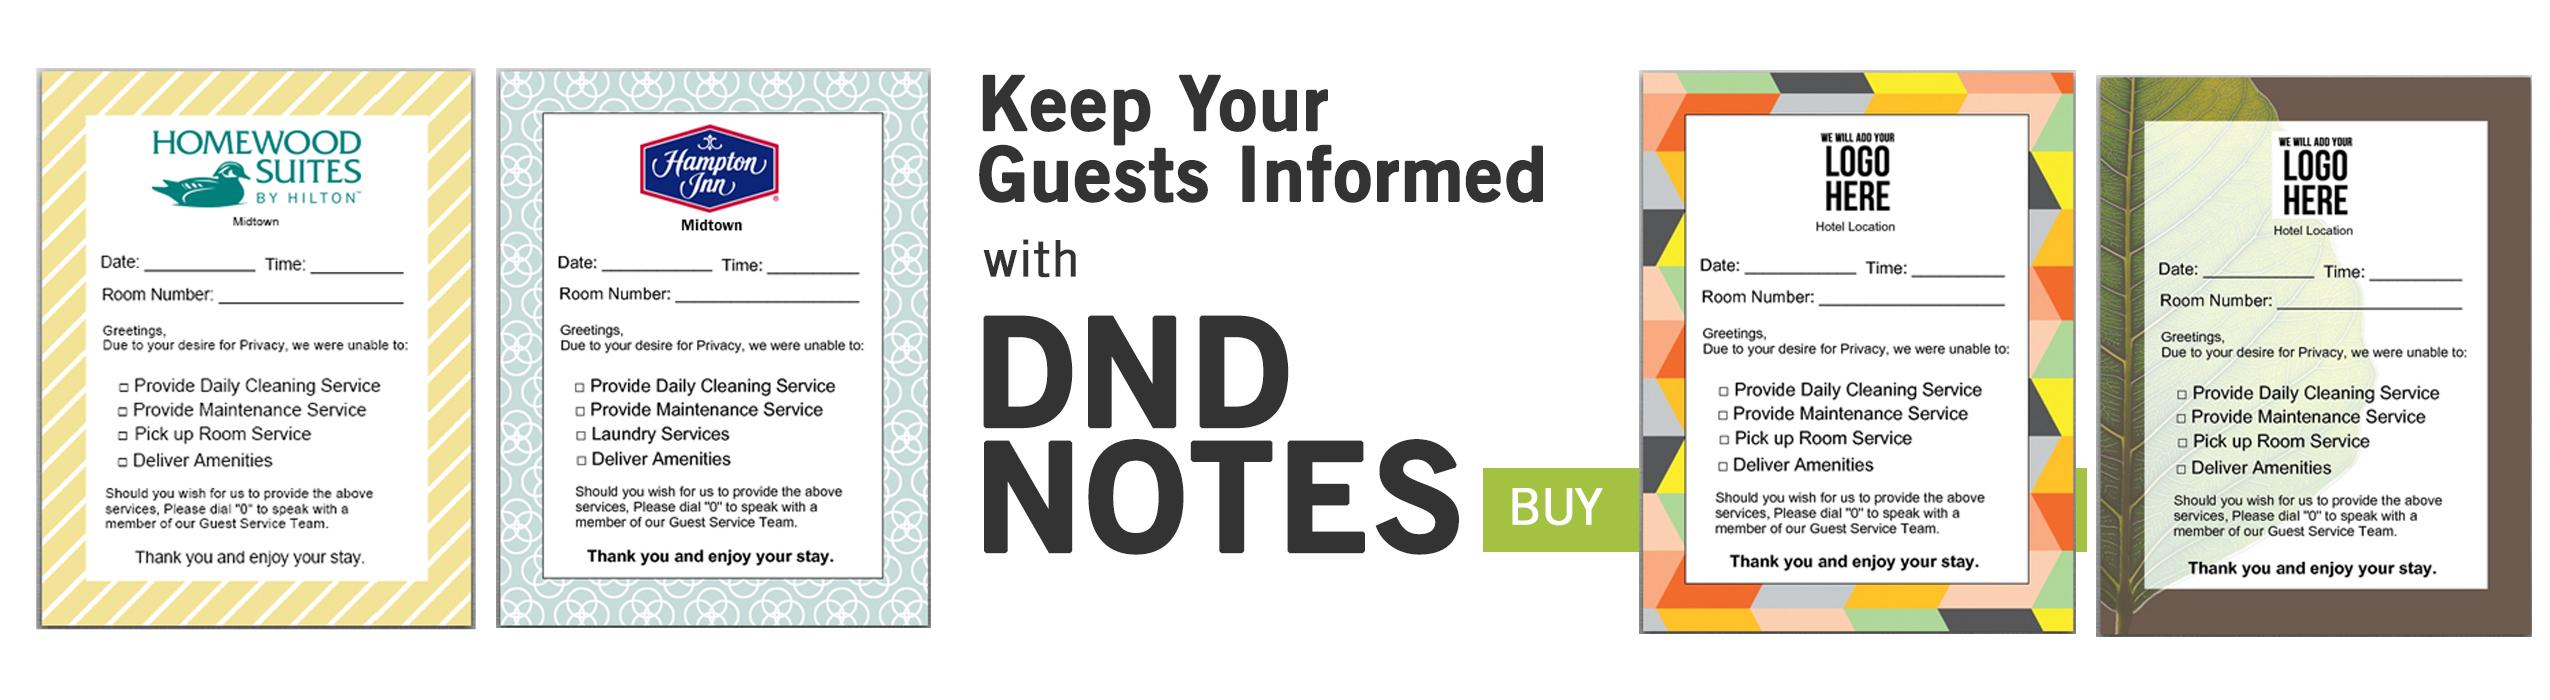 DND Notes